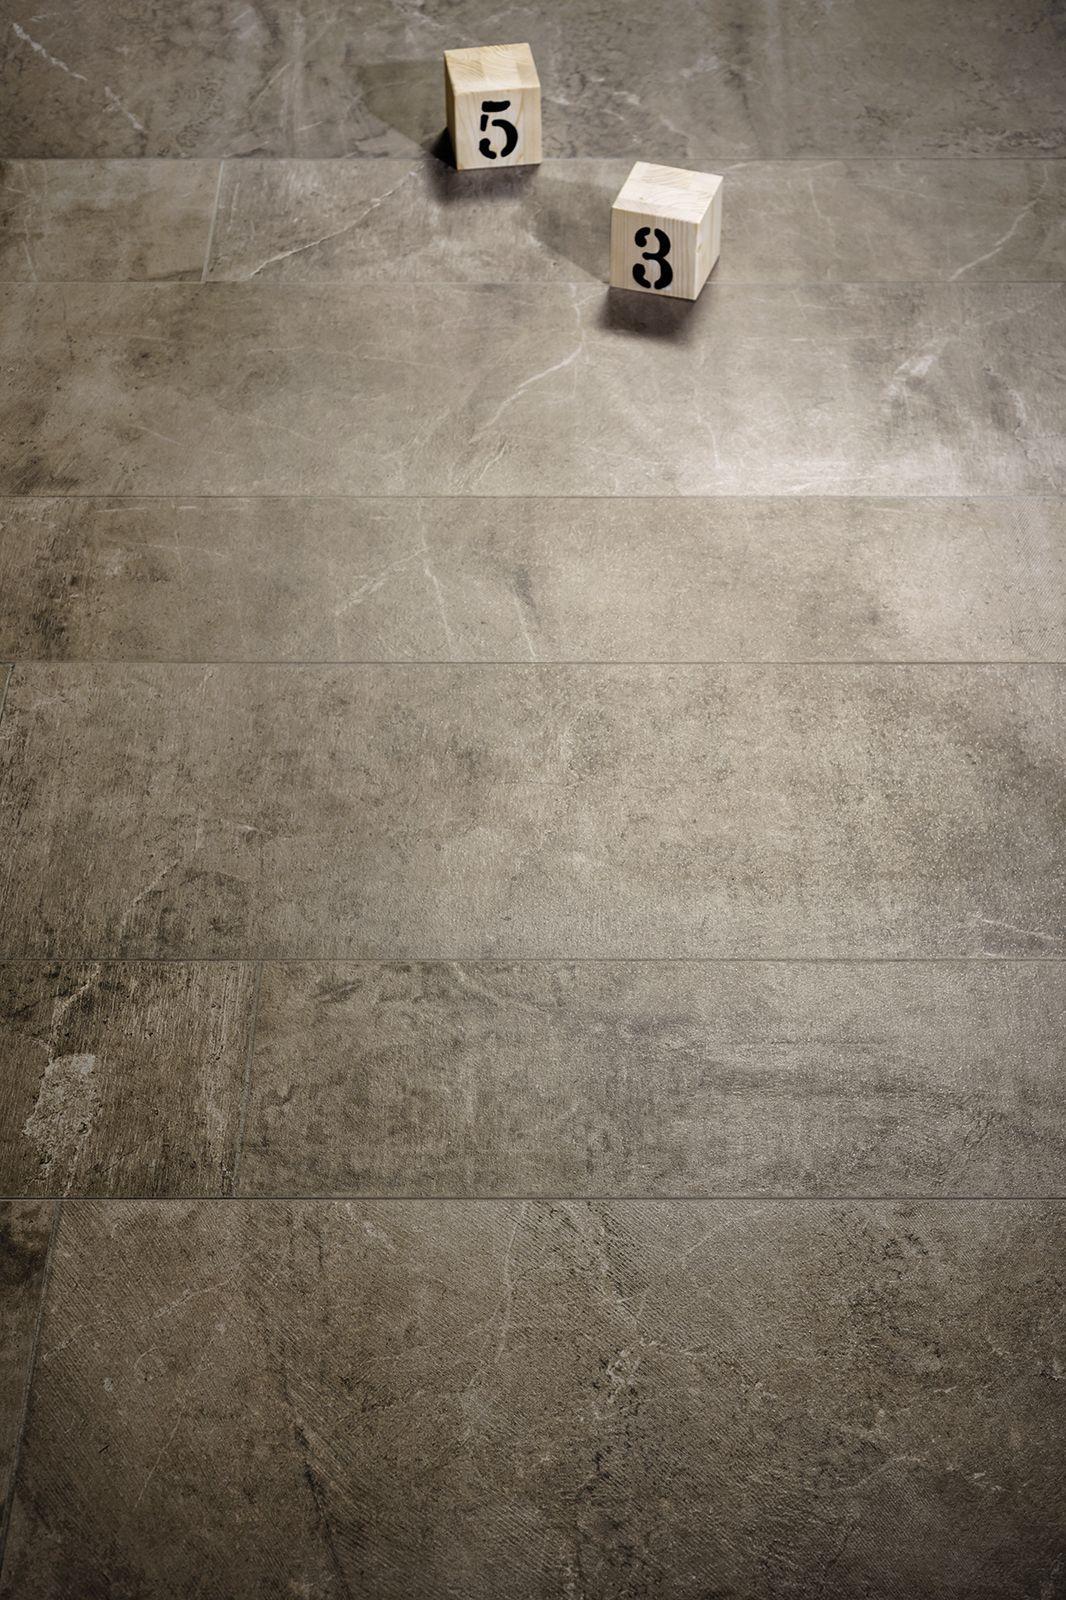 Vannitoa plaadid blend satin finish stone look floor tiles vannitoa plaadid blend satin finish stone look floor tiles dailygadgetfo Choice Image